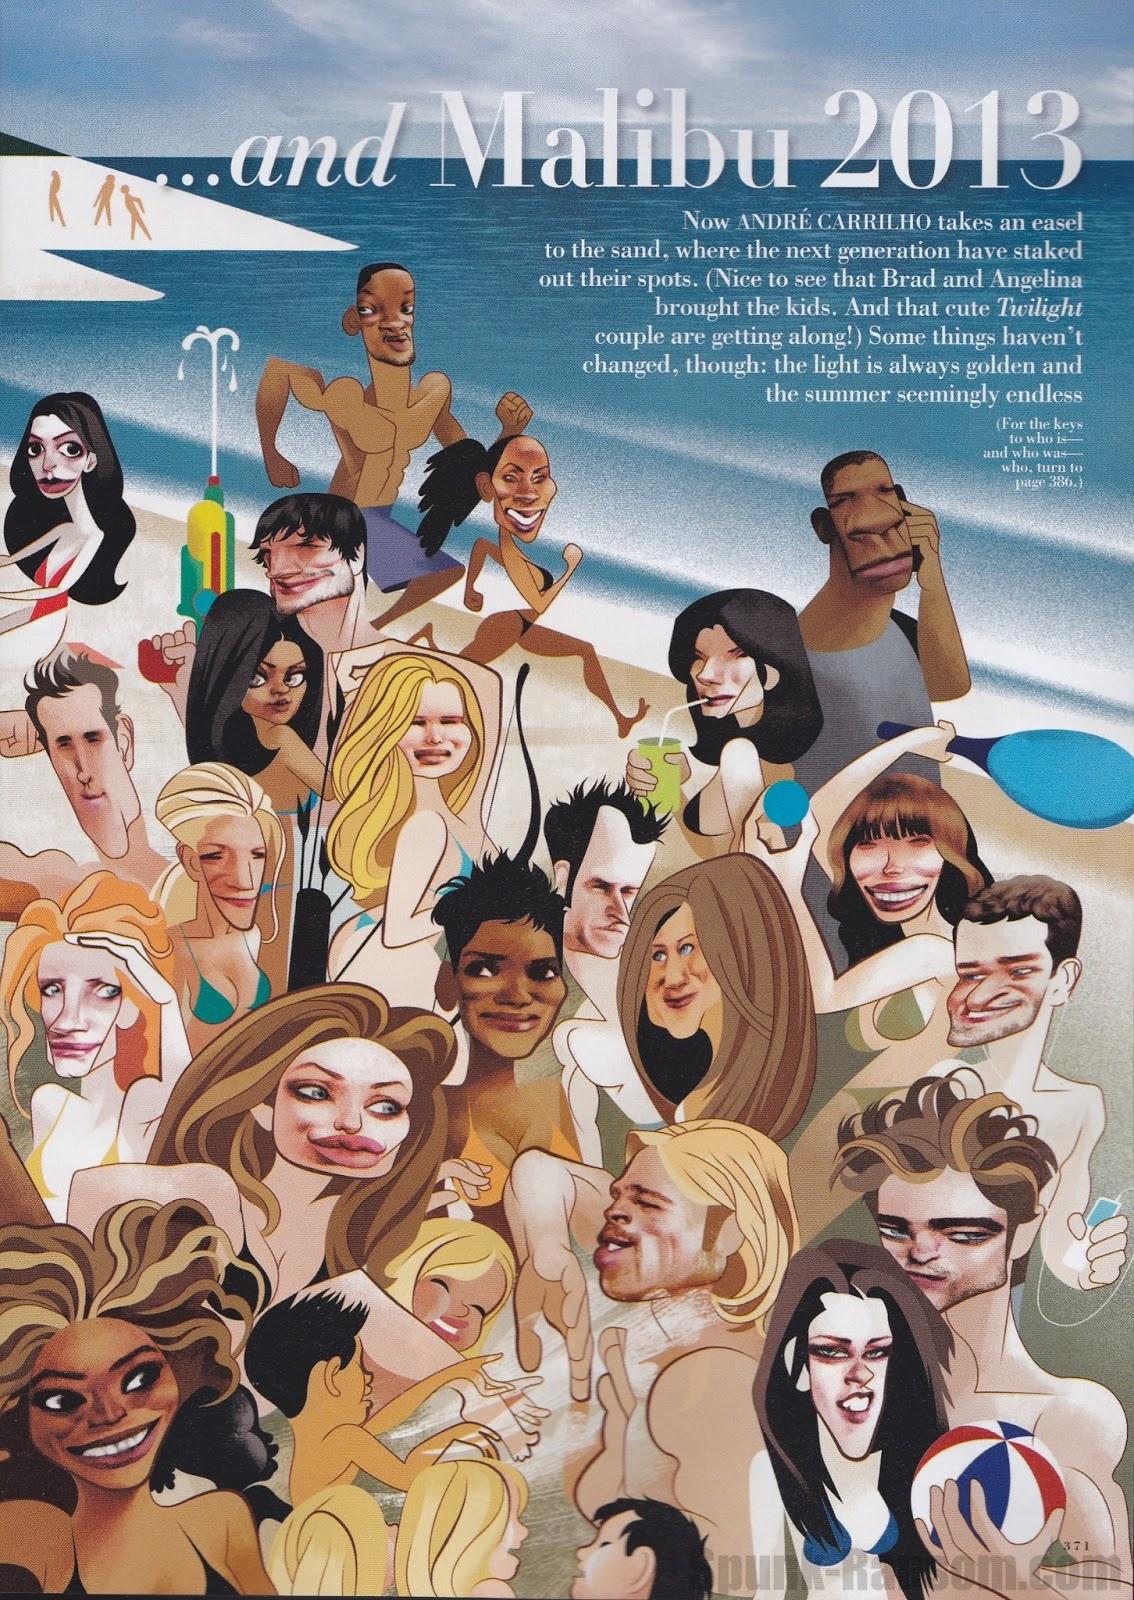 http://1.bp.blogspot.com/-_hL87S4JiZA/UQ6WKIgo62I/AAAAAAAAWMk/A0rUS_-Cp2Q/s1600/Kristen+Stewart+&+Robert+Pattinson+VF+March+Caricatures+2.jpg